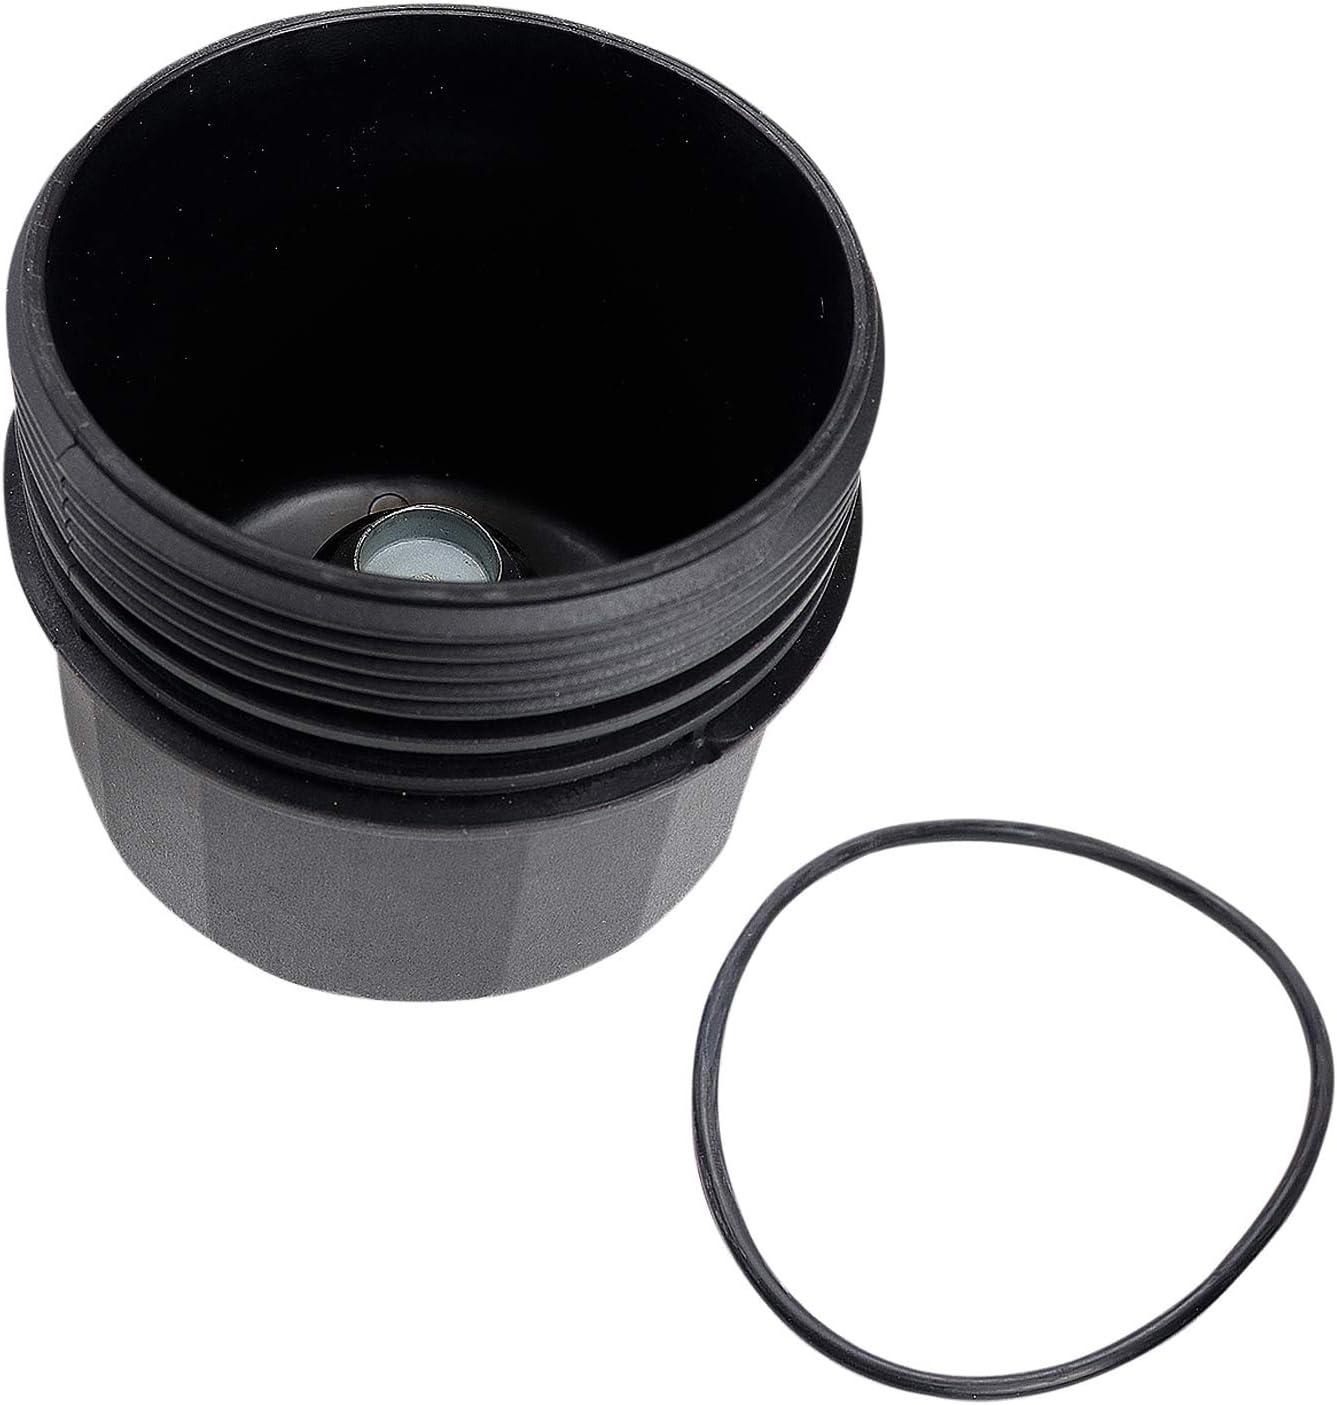 BECKARNLEY 2021new shipping free shipping 041-0002 Austin Mall Oil Housing Filter Cap